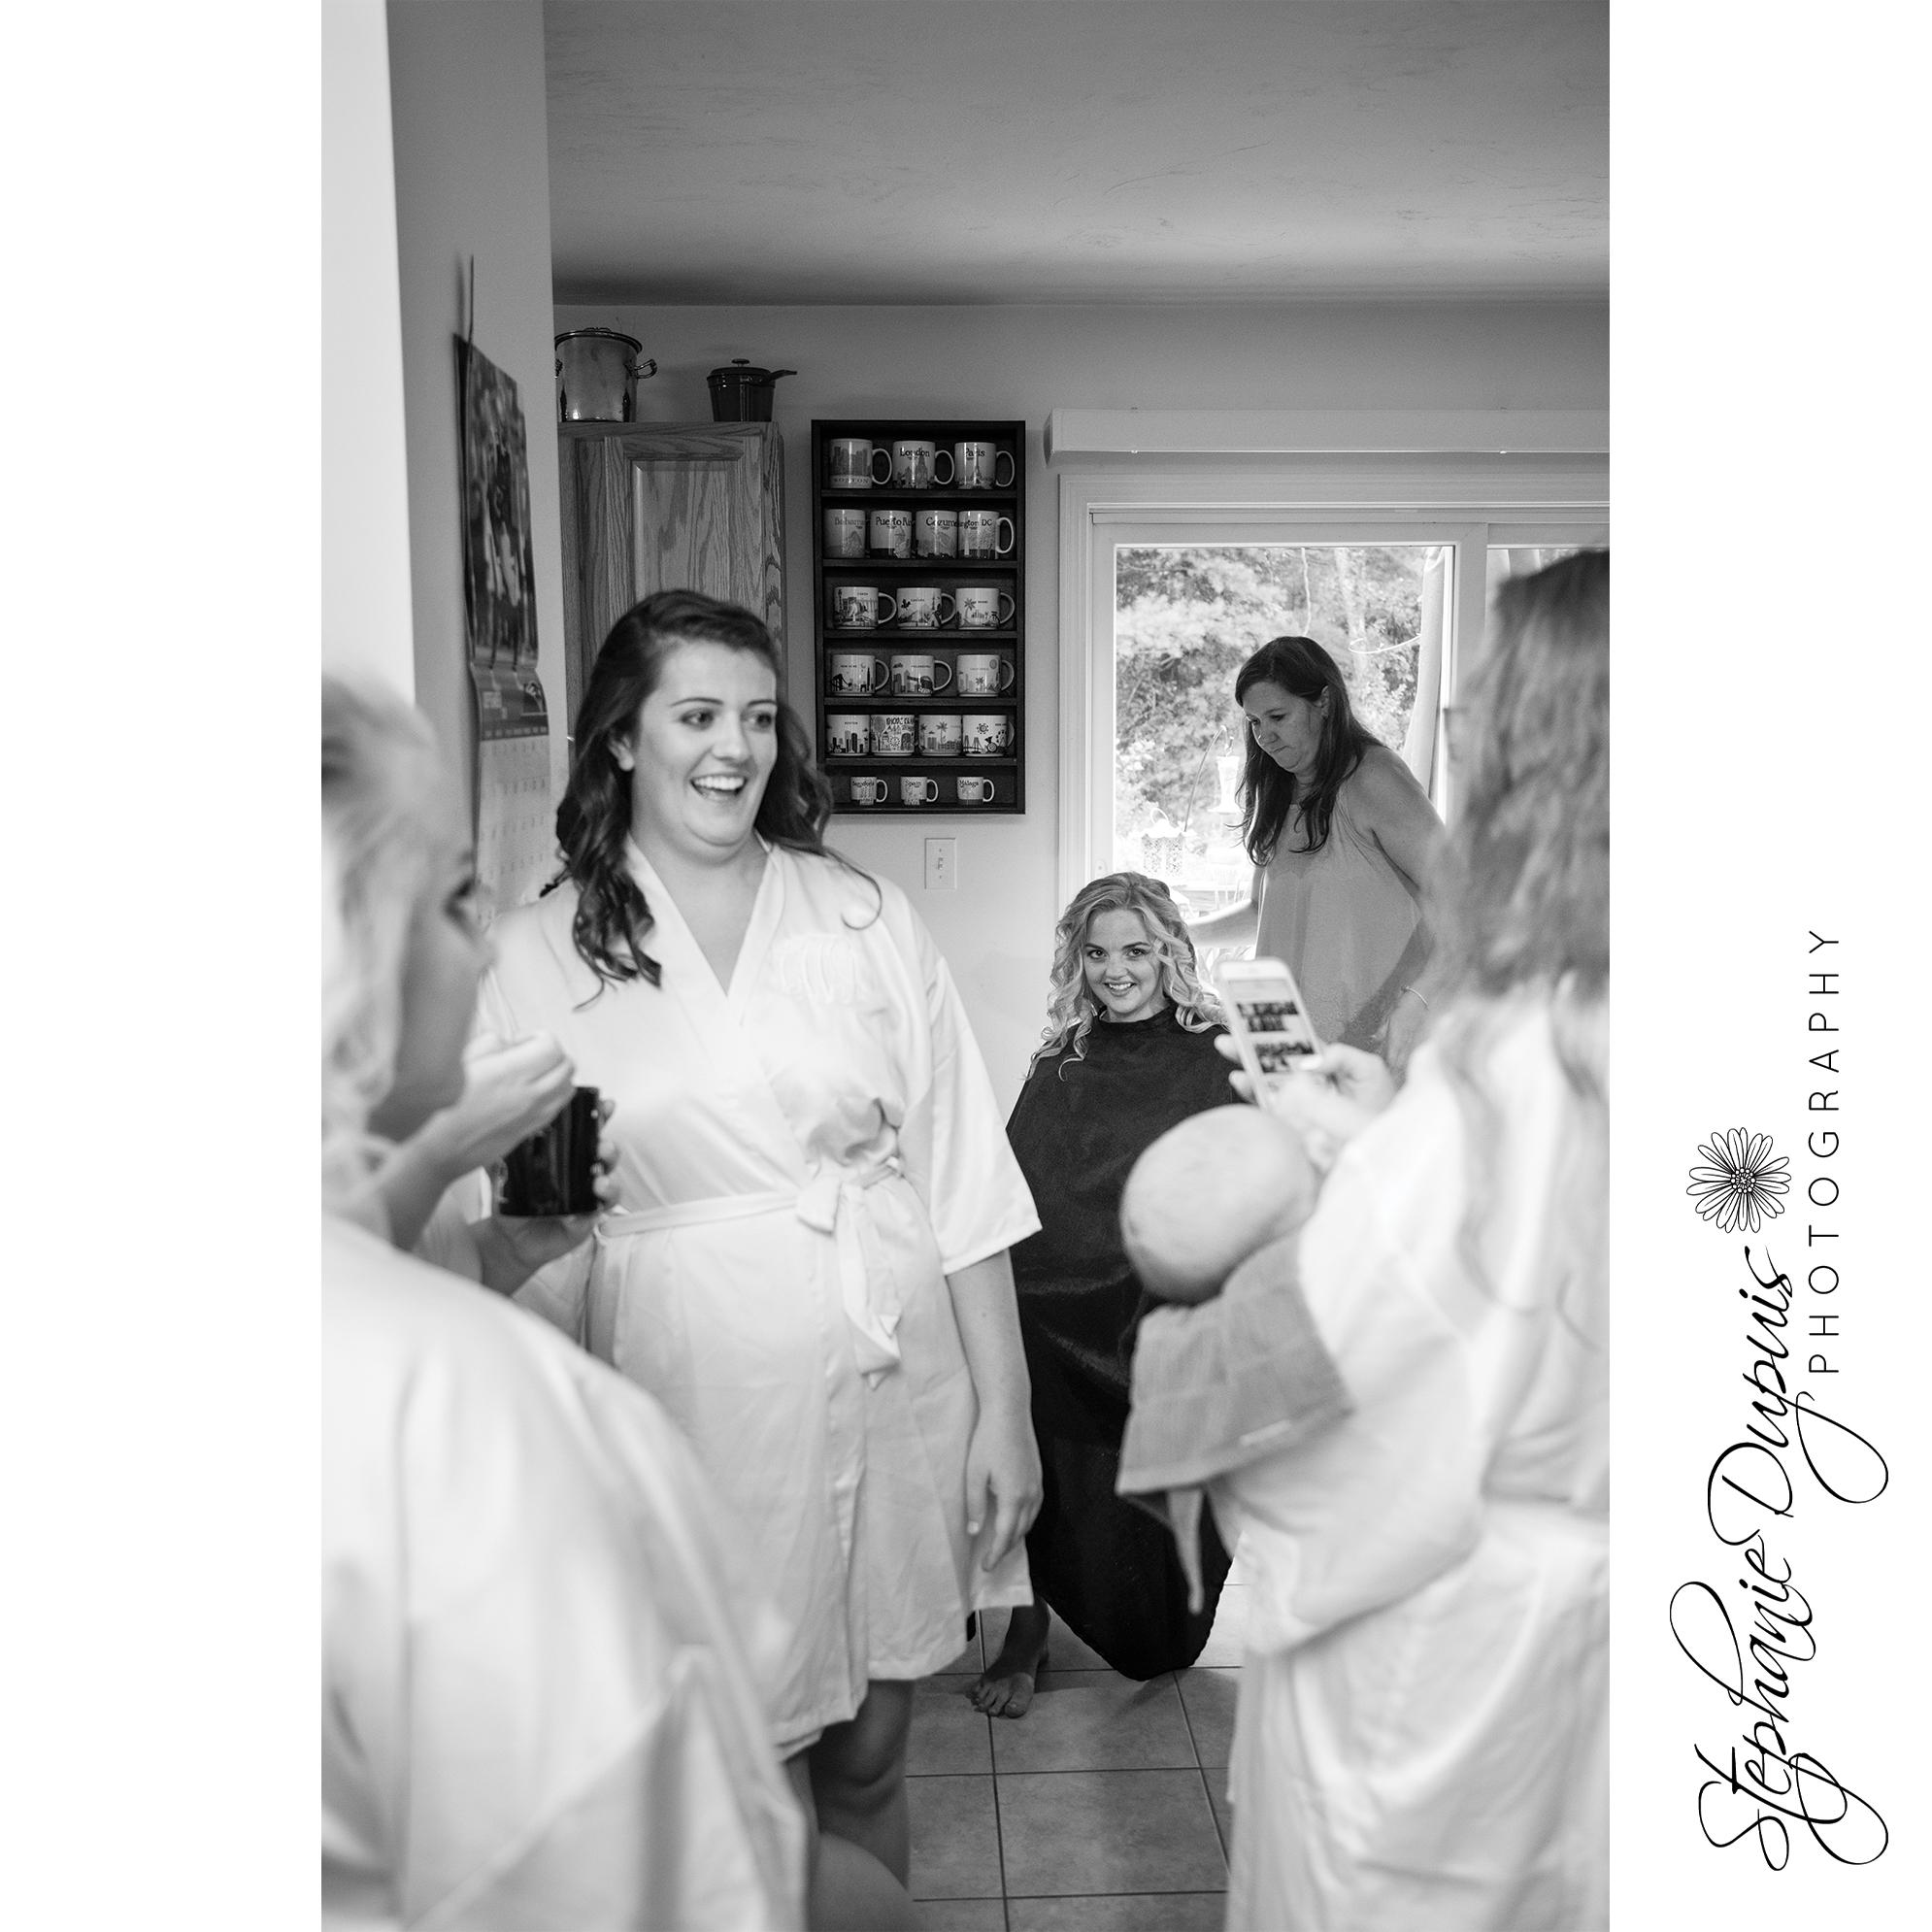 Gaffney 5 - Portfolio: Gaffney Wedding